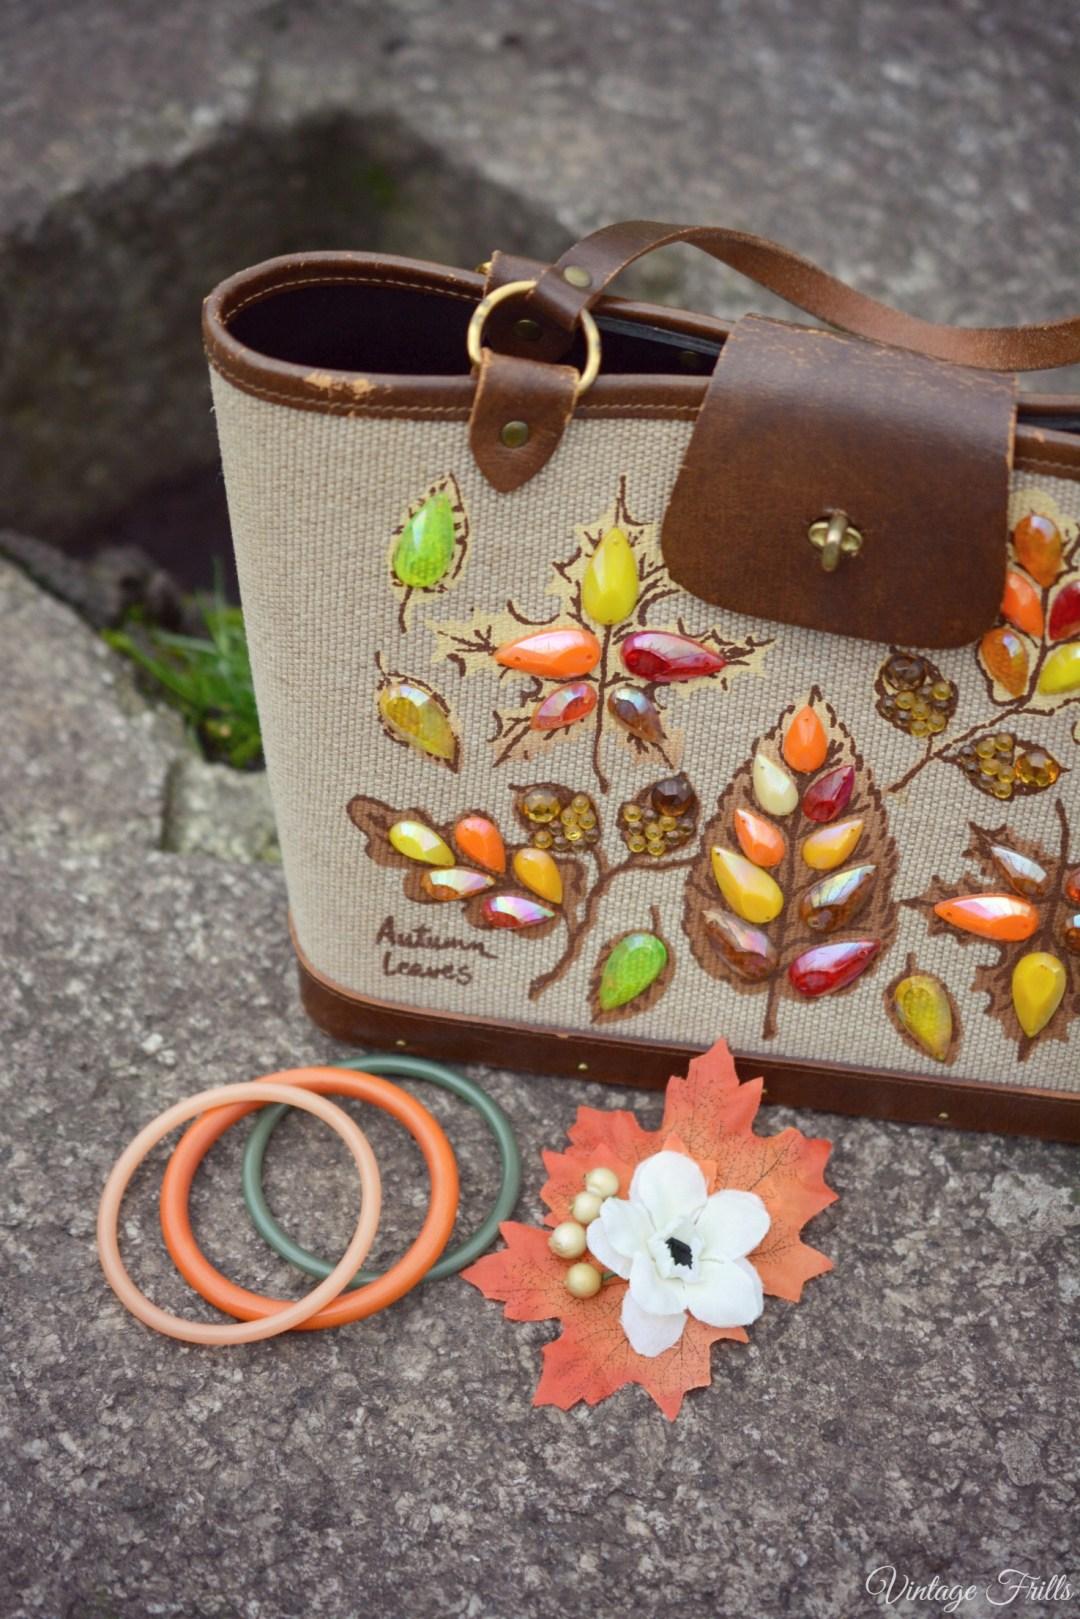 Autumn Leaves Enid Collins Handbag